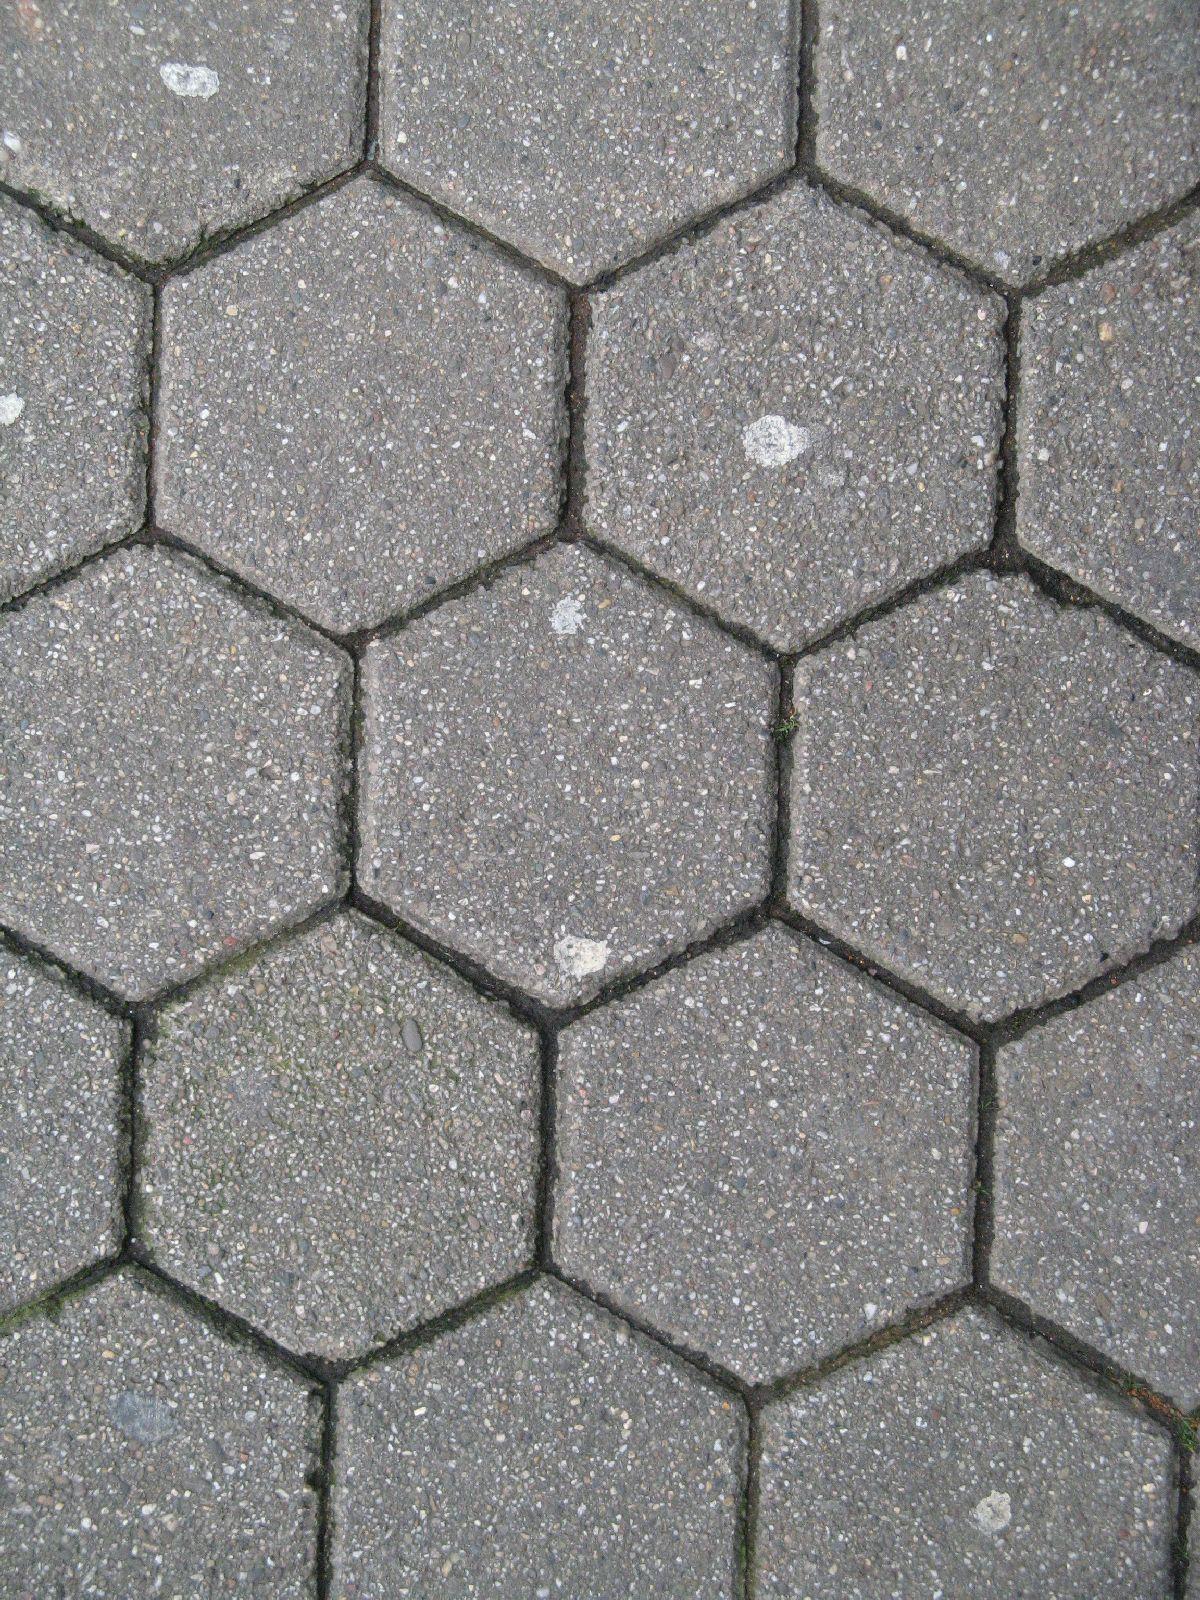 Ground-Urban_Texture_B_02400